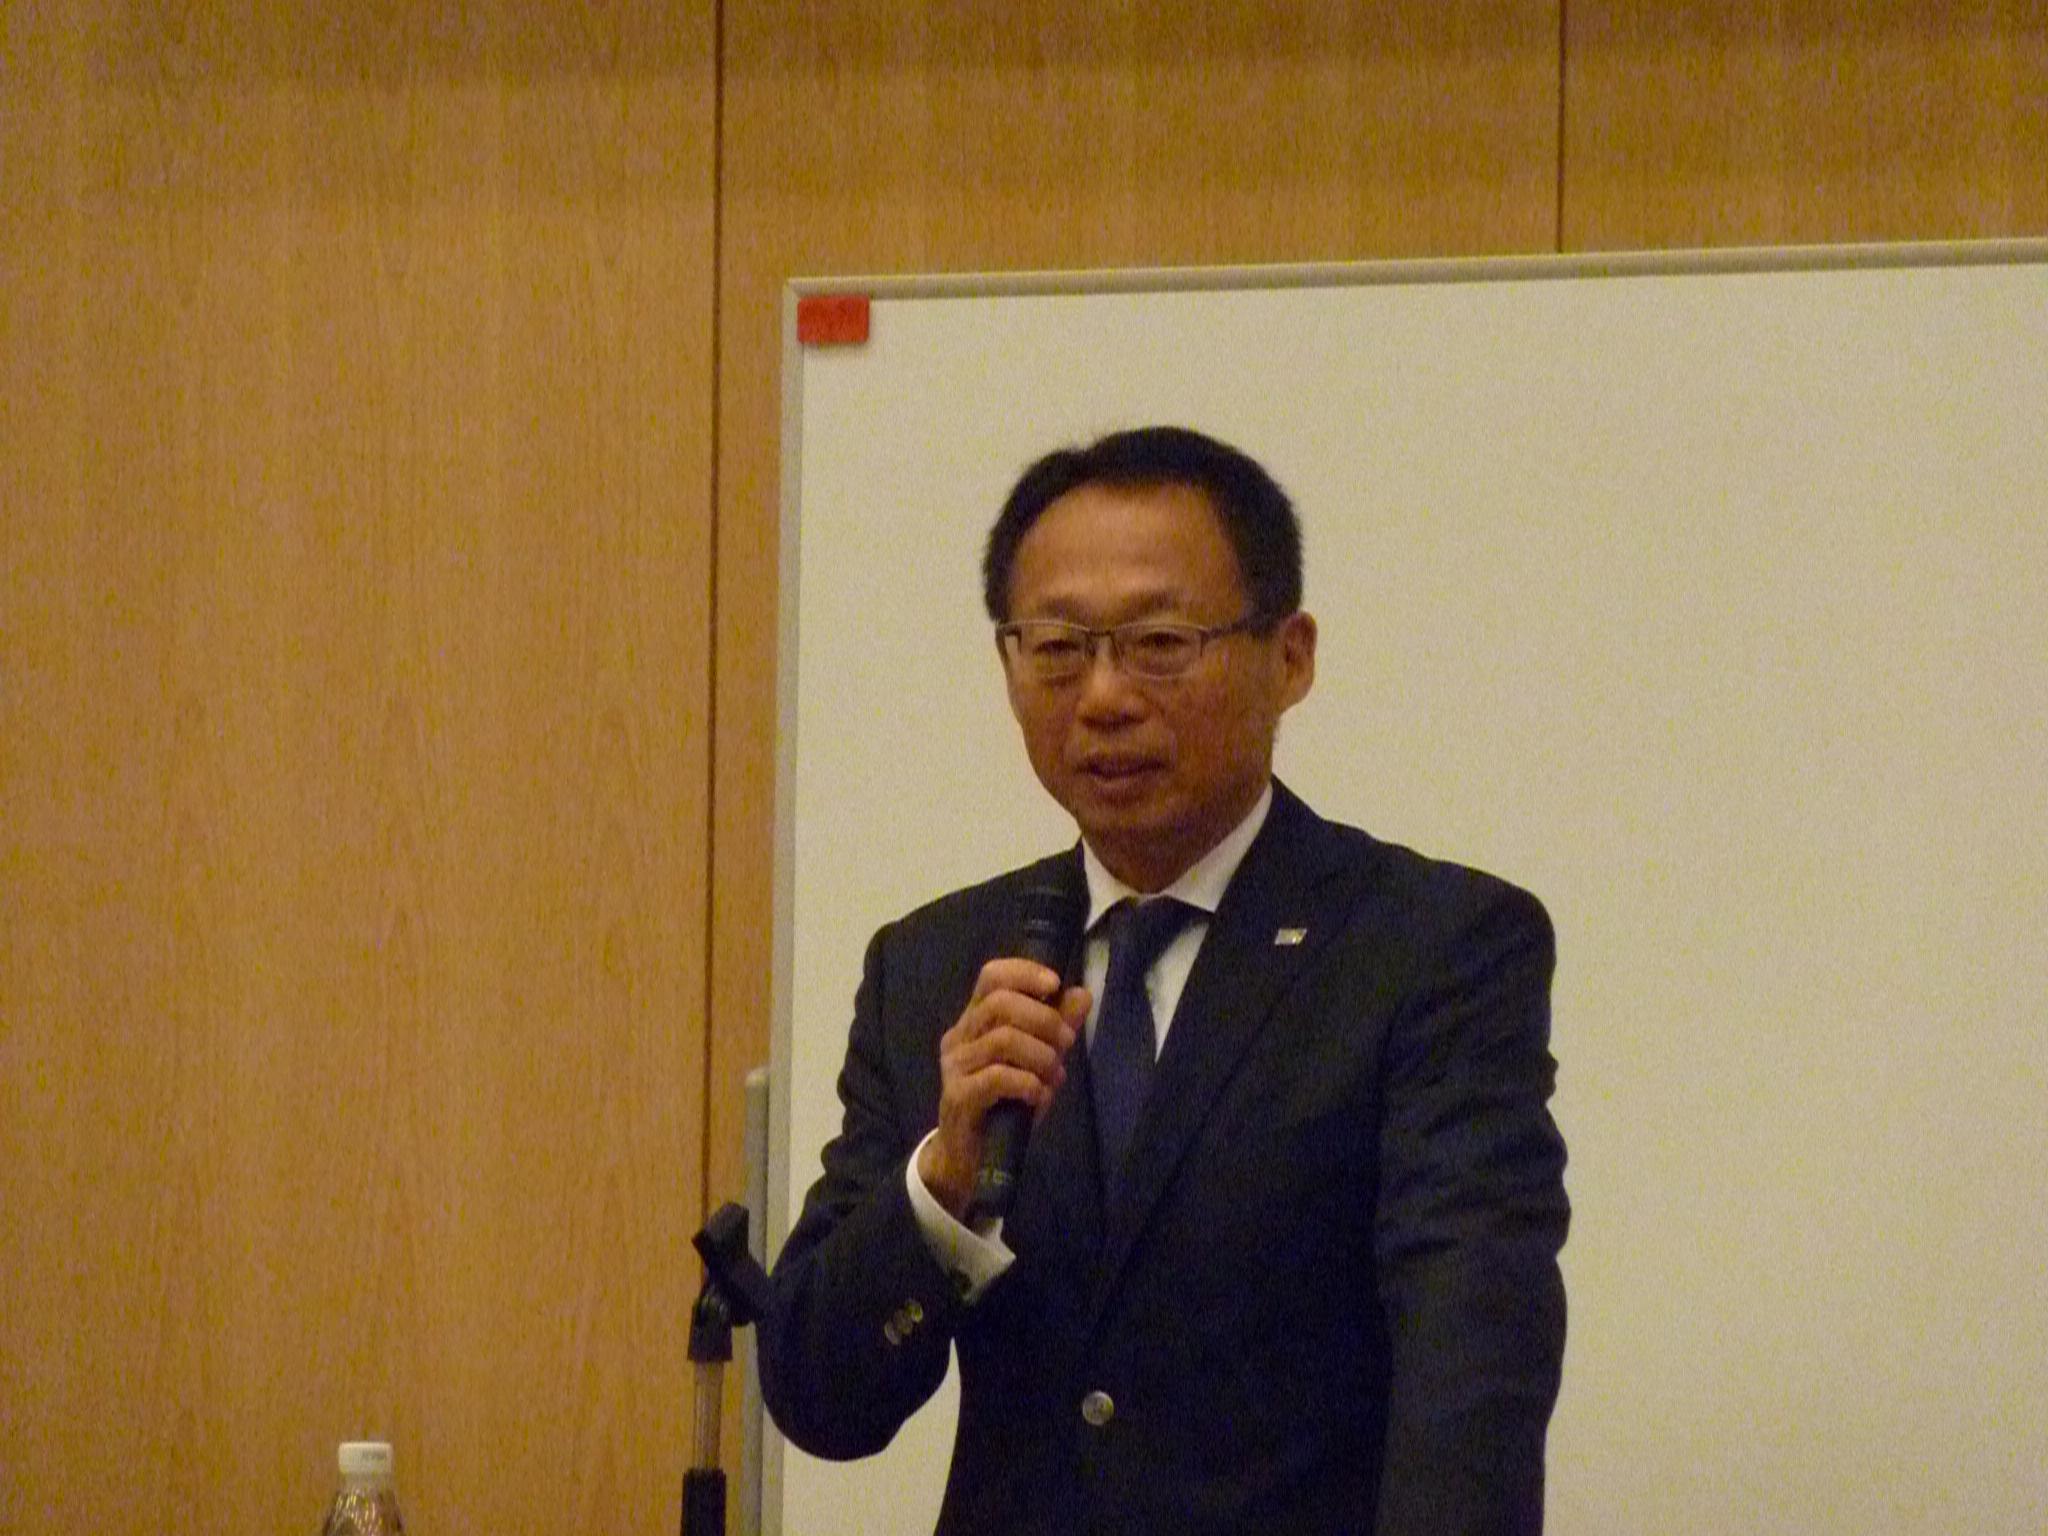 岡田武史・サッカー元日本代表監督 講演会1